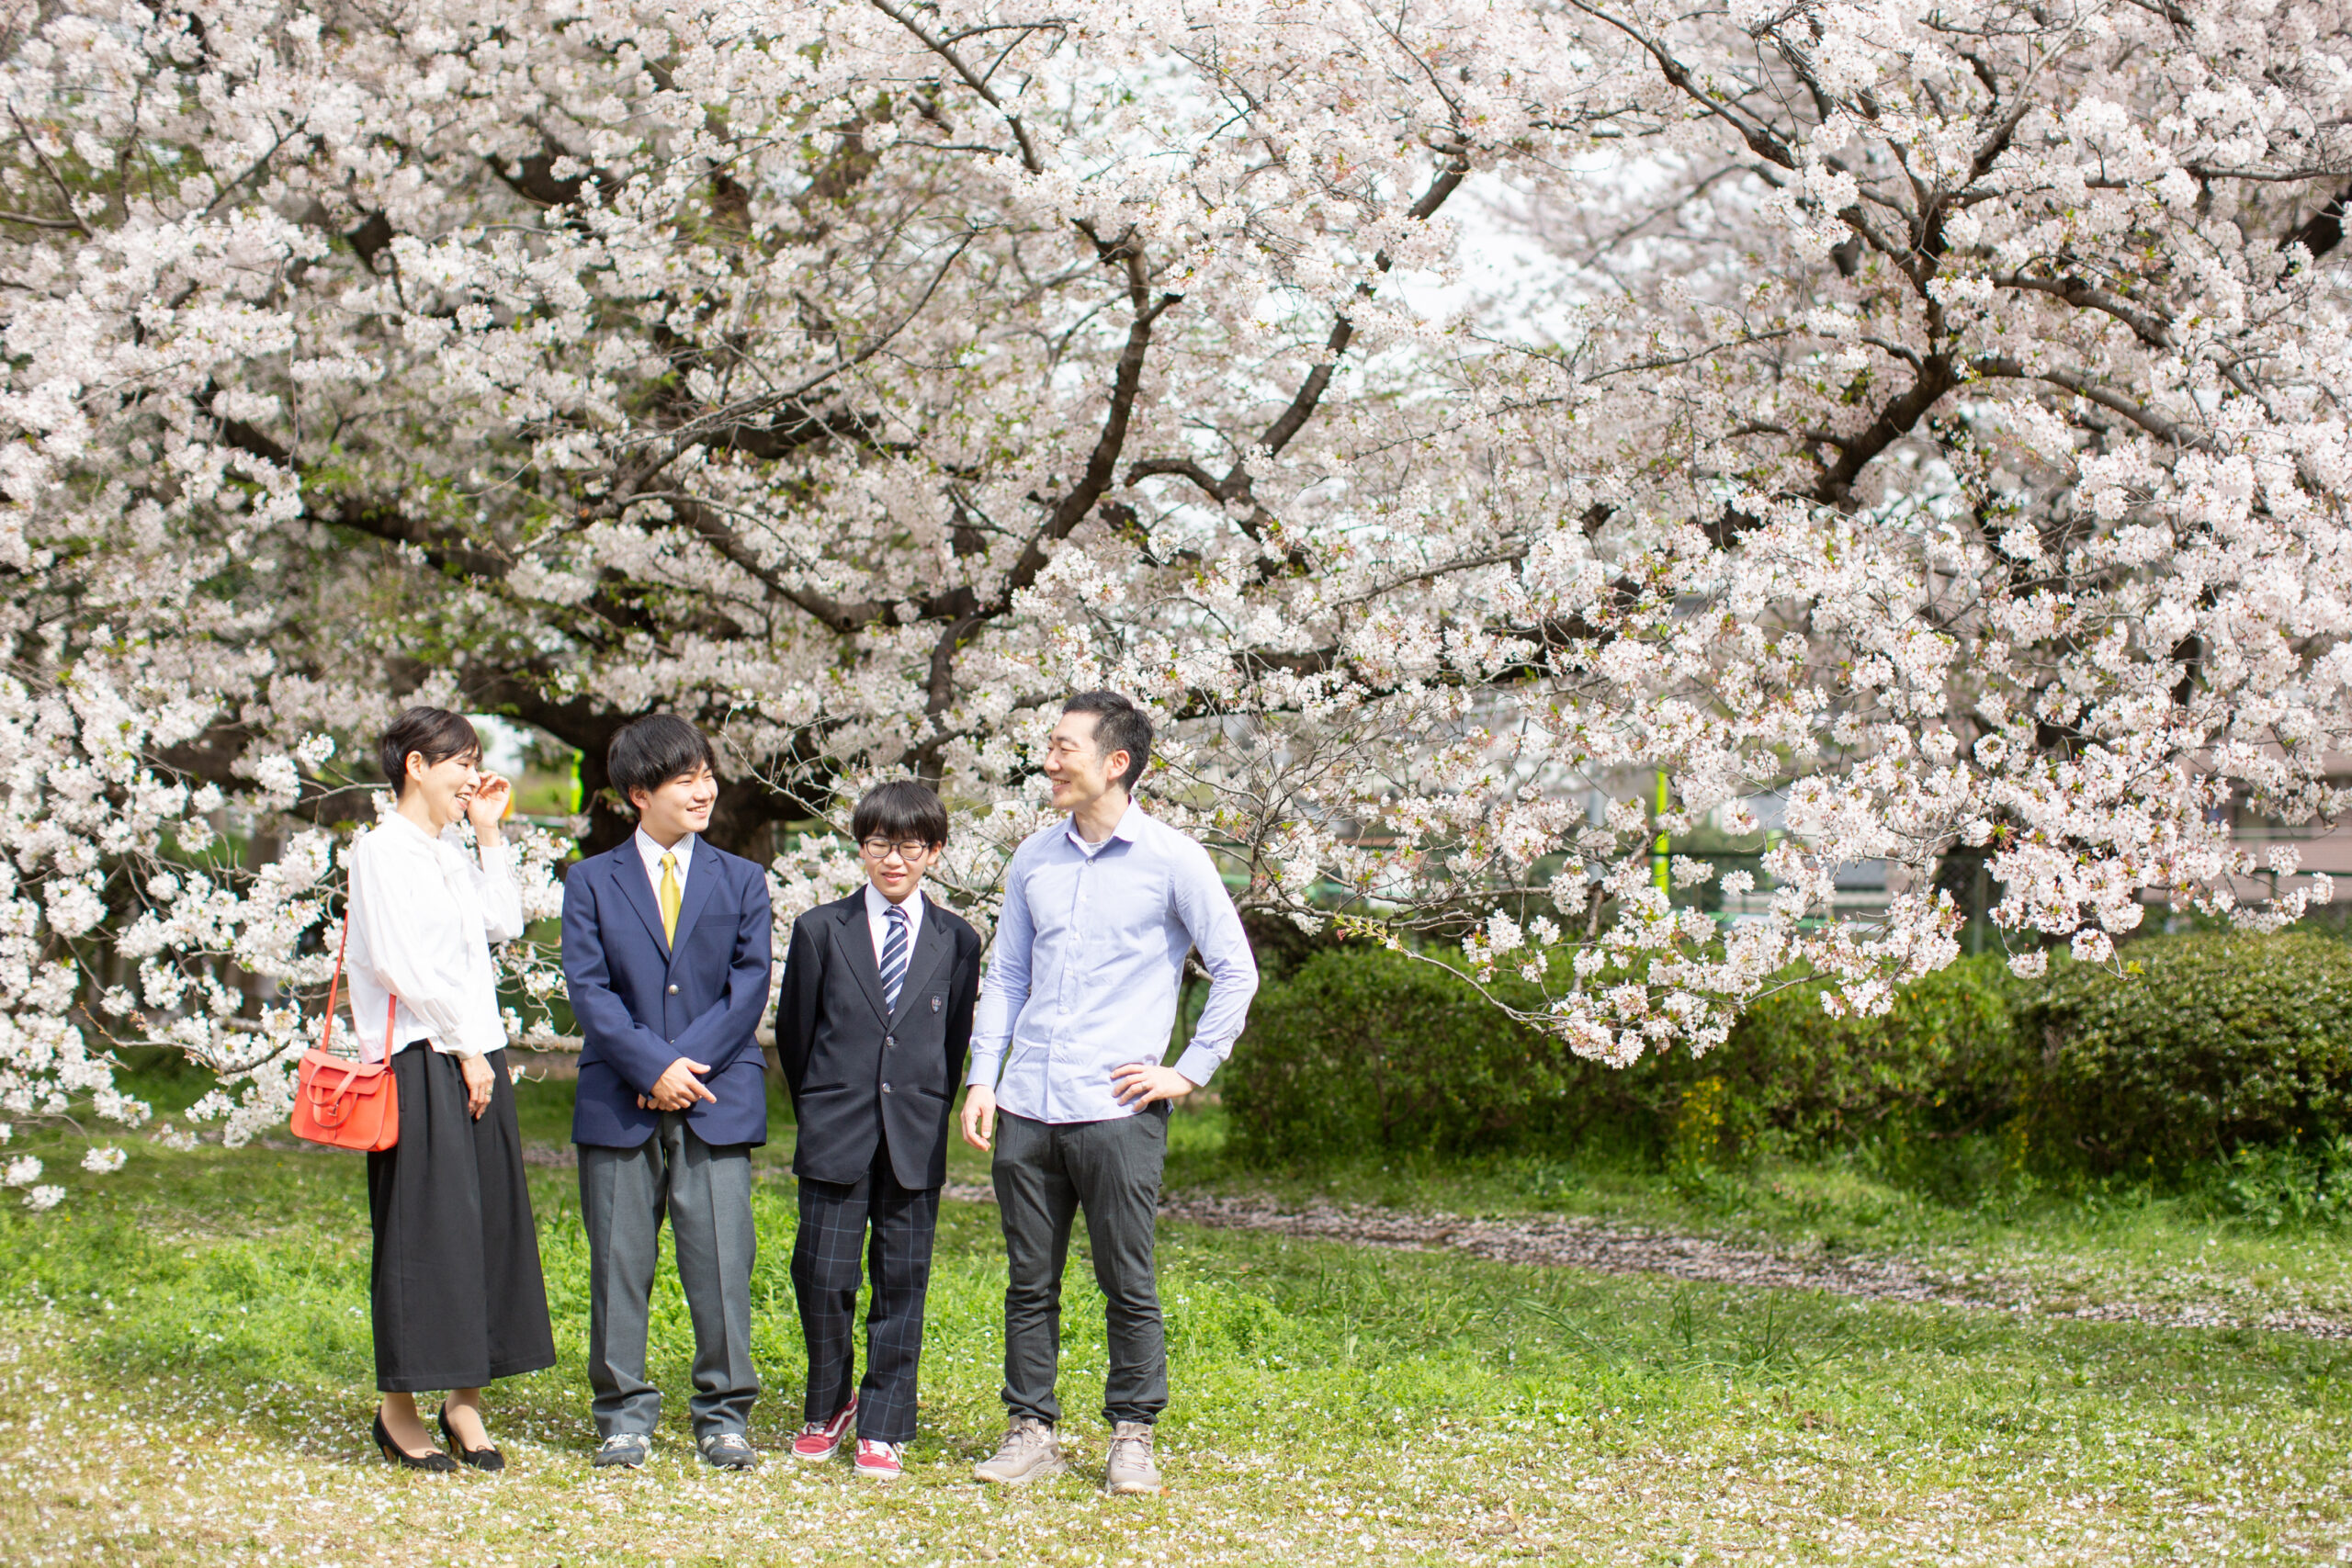 桜と歩く記念写真-M1